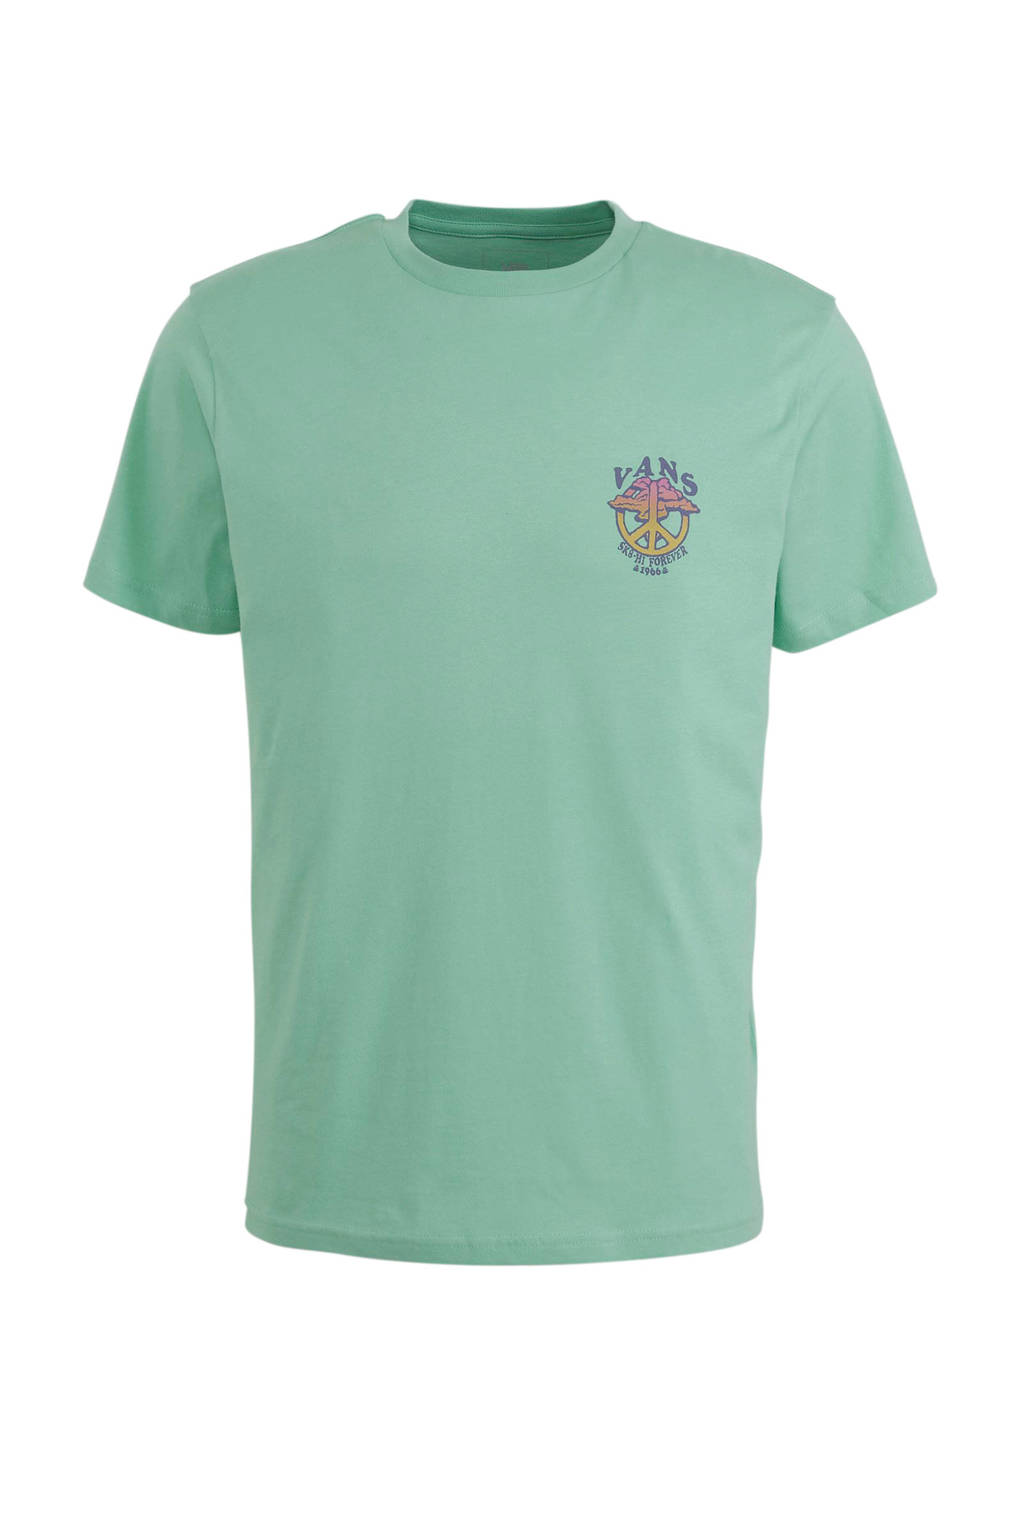 VANS   T-shirt mintgroen, Mintgroen